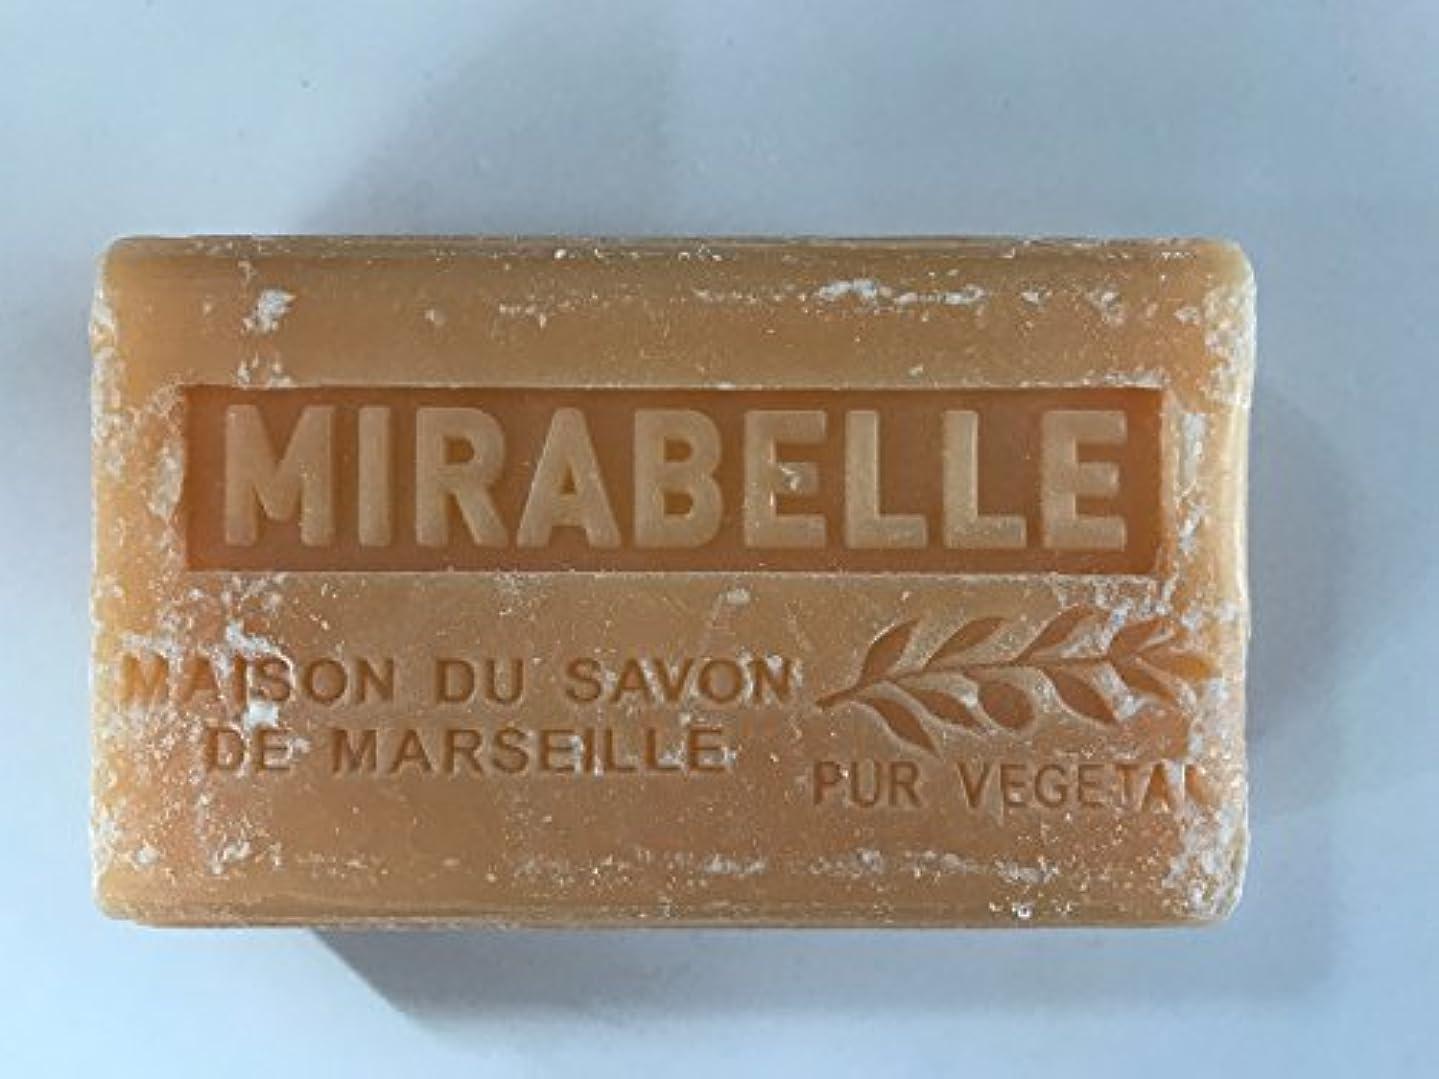 解凍する、雪解け、霜解け蛾債務Savon de Marseille Soap Mirabelle Shea Butter 125g